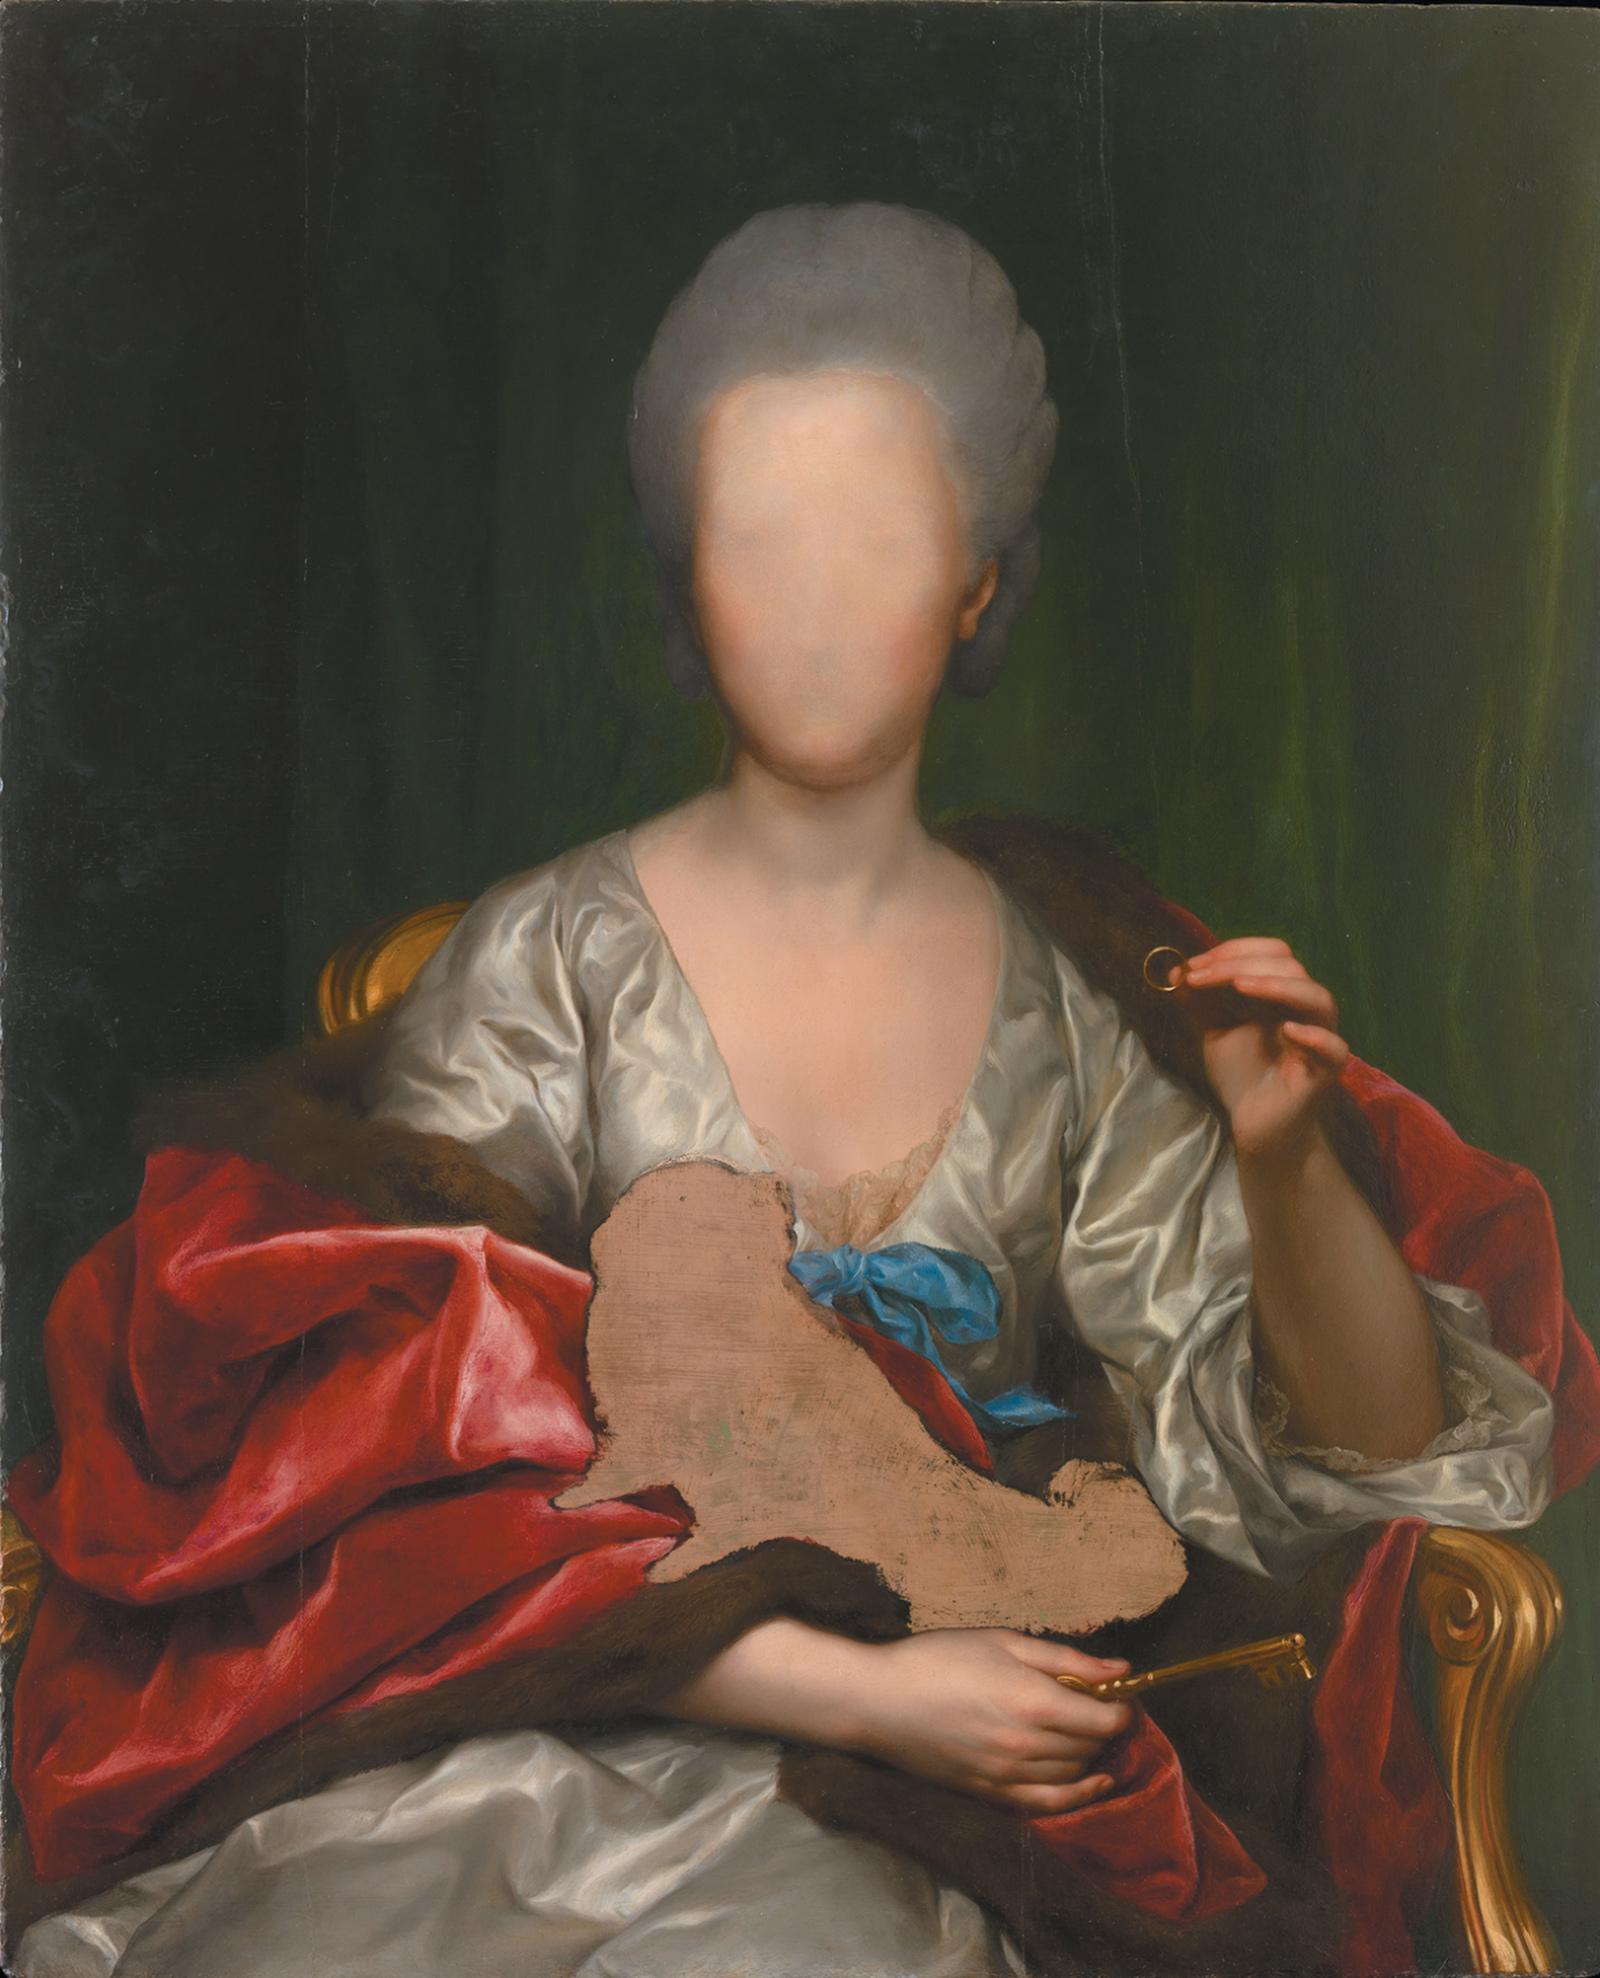 Anton Raphael Mengs: Portrait of Mariana de Silva y Sarmiento, Duquesa de Huescar, 1775